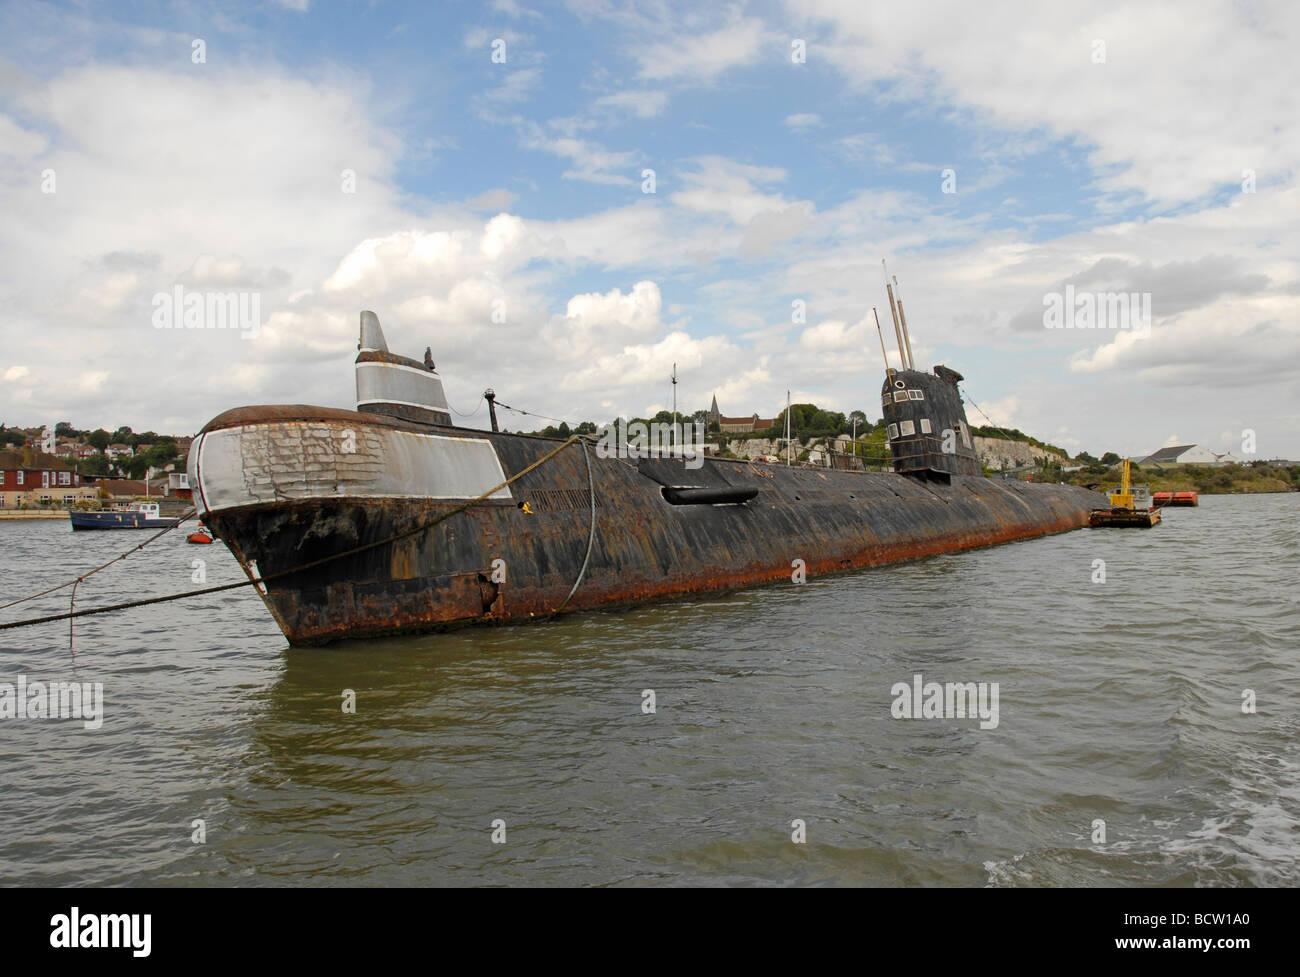 Submarino Ruso abandonado amarrado en río Medway, Rochesterr, Kent, Inglaterra Imagen De Stock